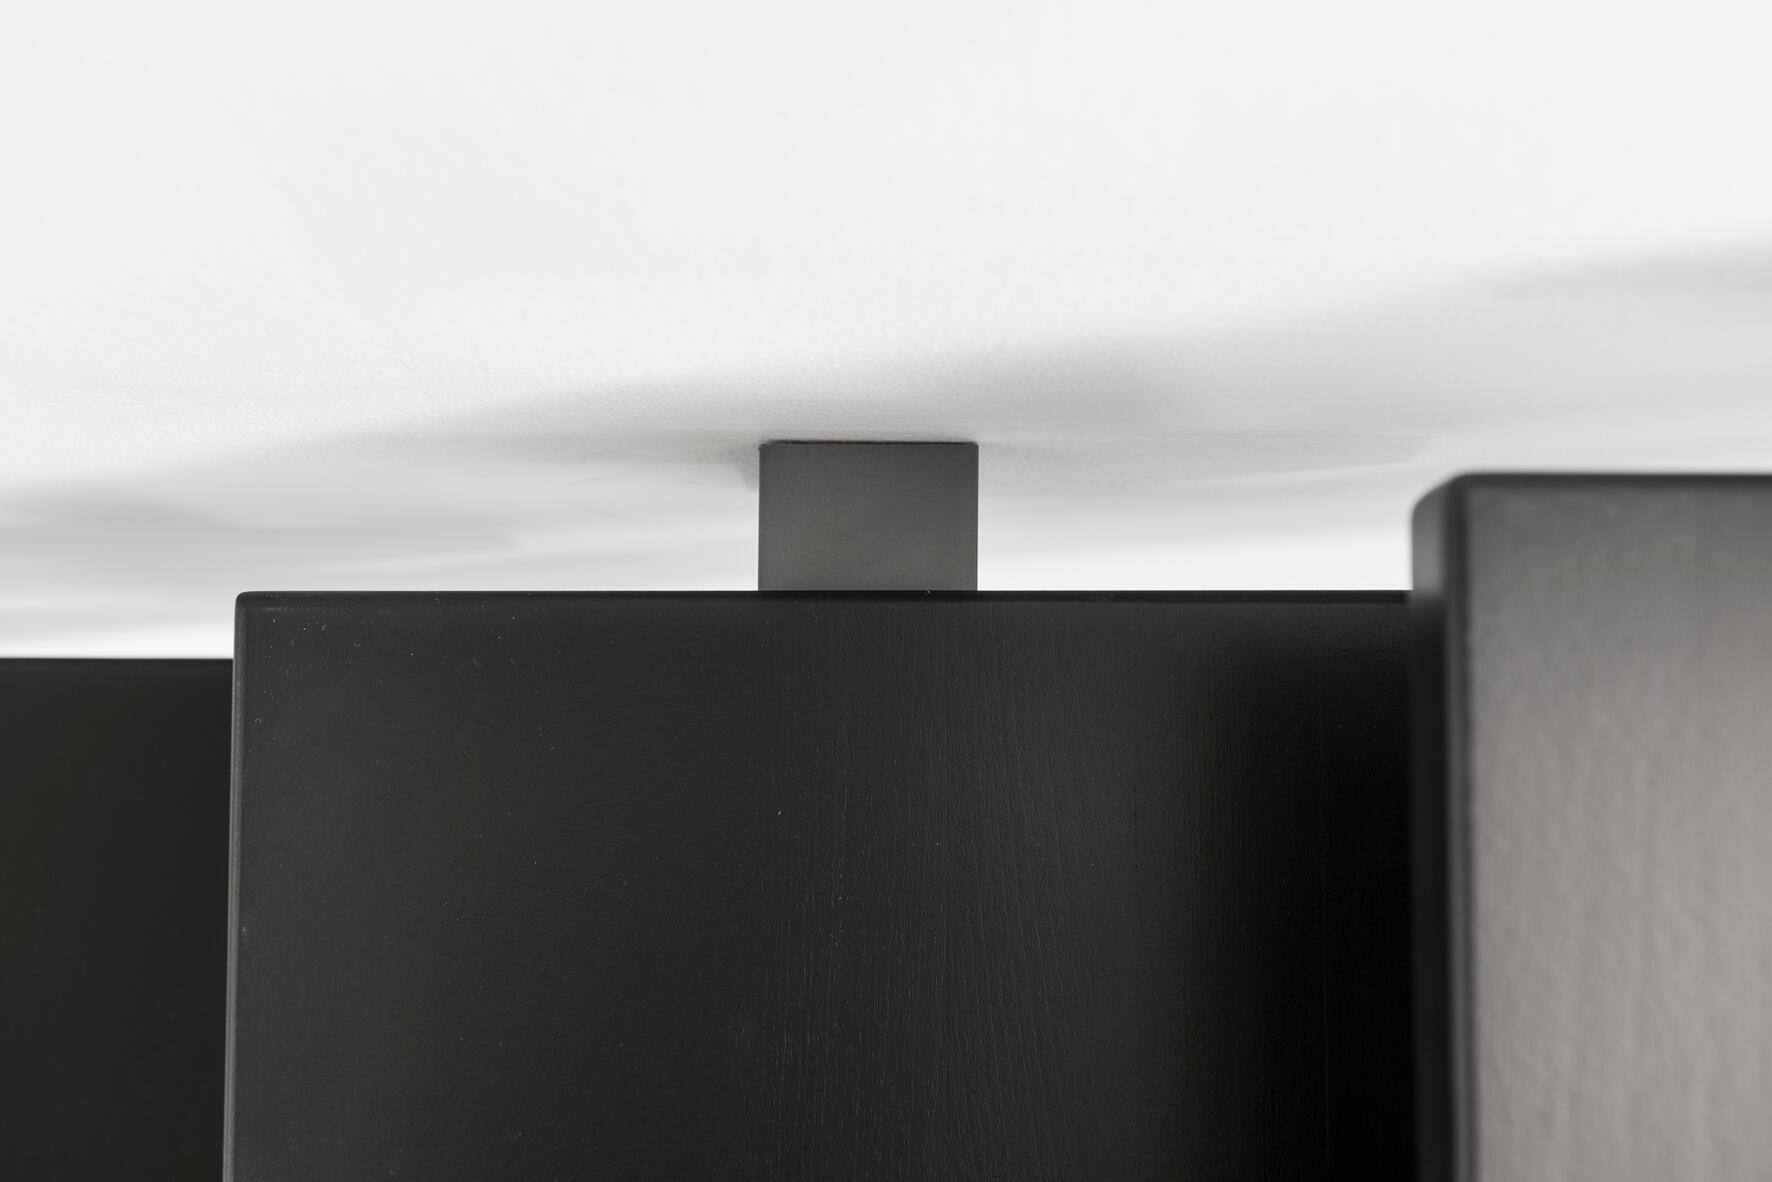 Scala a rampa 1/4 di giro Mas FONTANOT L 85 cm, gradino grigio antracite scuro, struttura antracite - 7